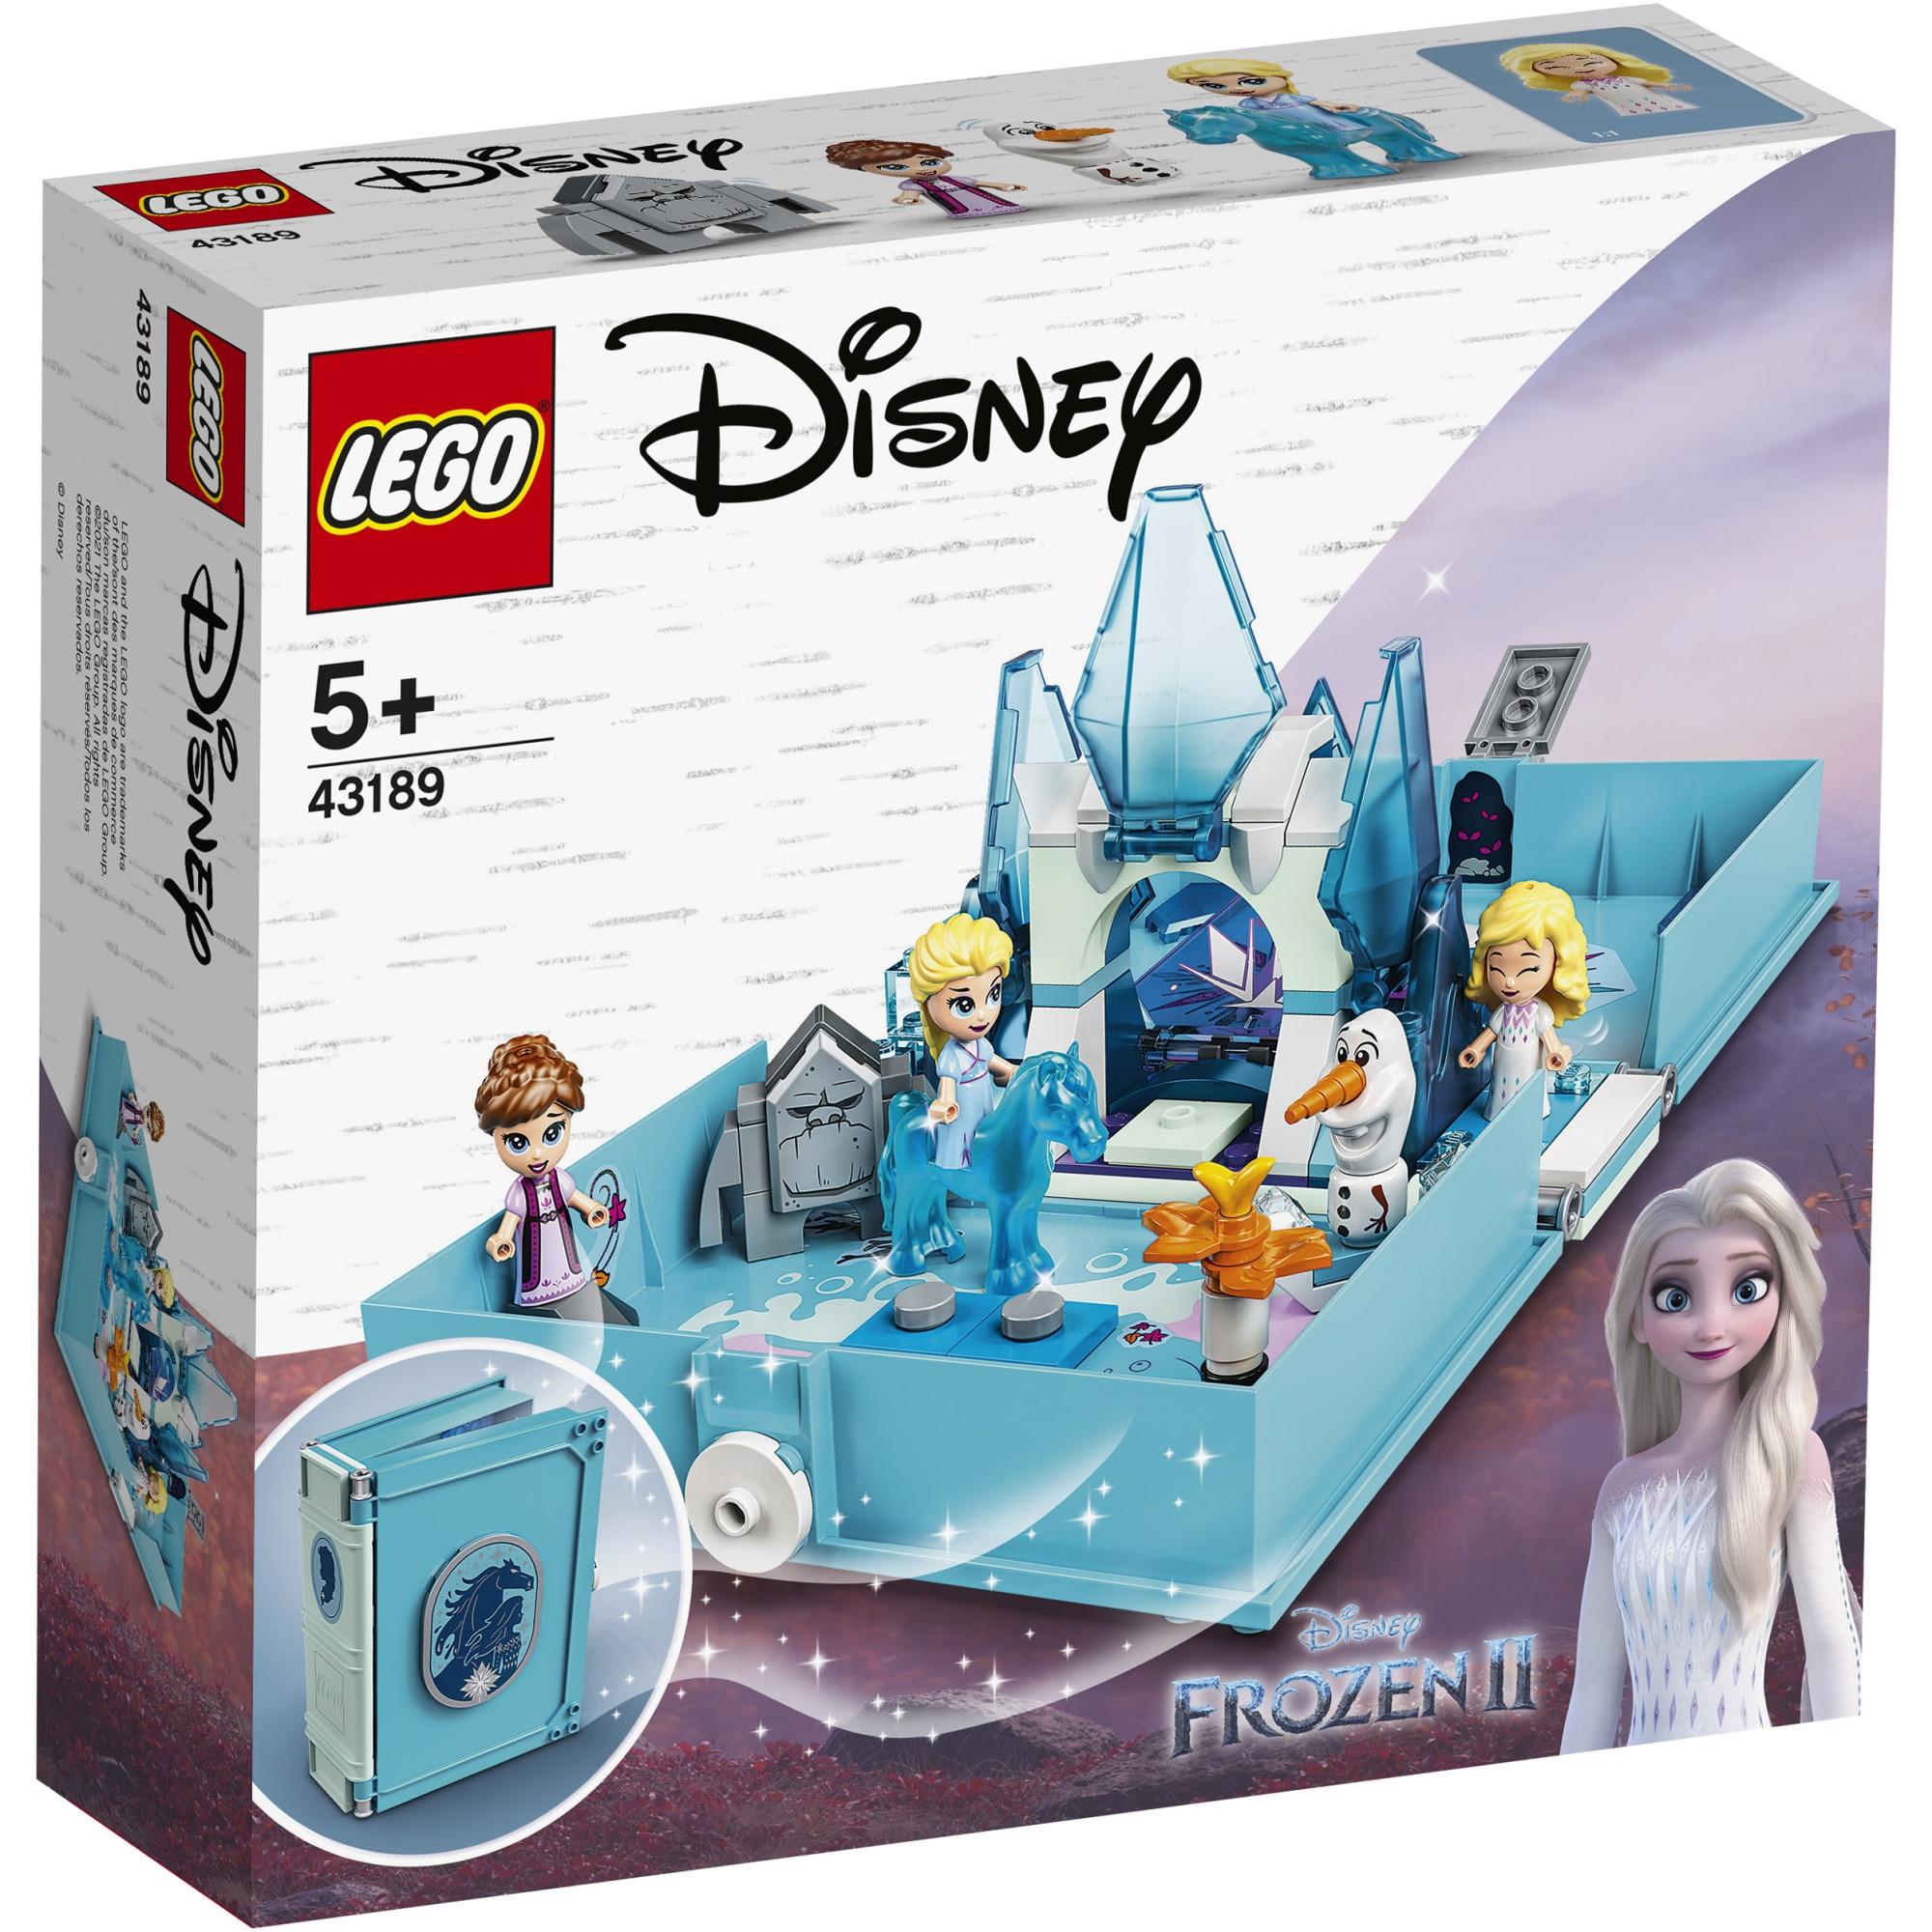 Fotografie LEGO Disney Princess - Aventuri din cartea de povesti cu Elsa si Nokk 43189, 125 piese